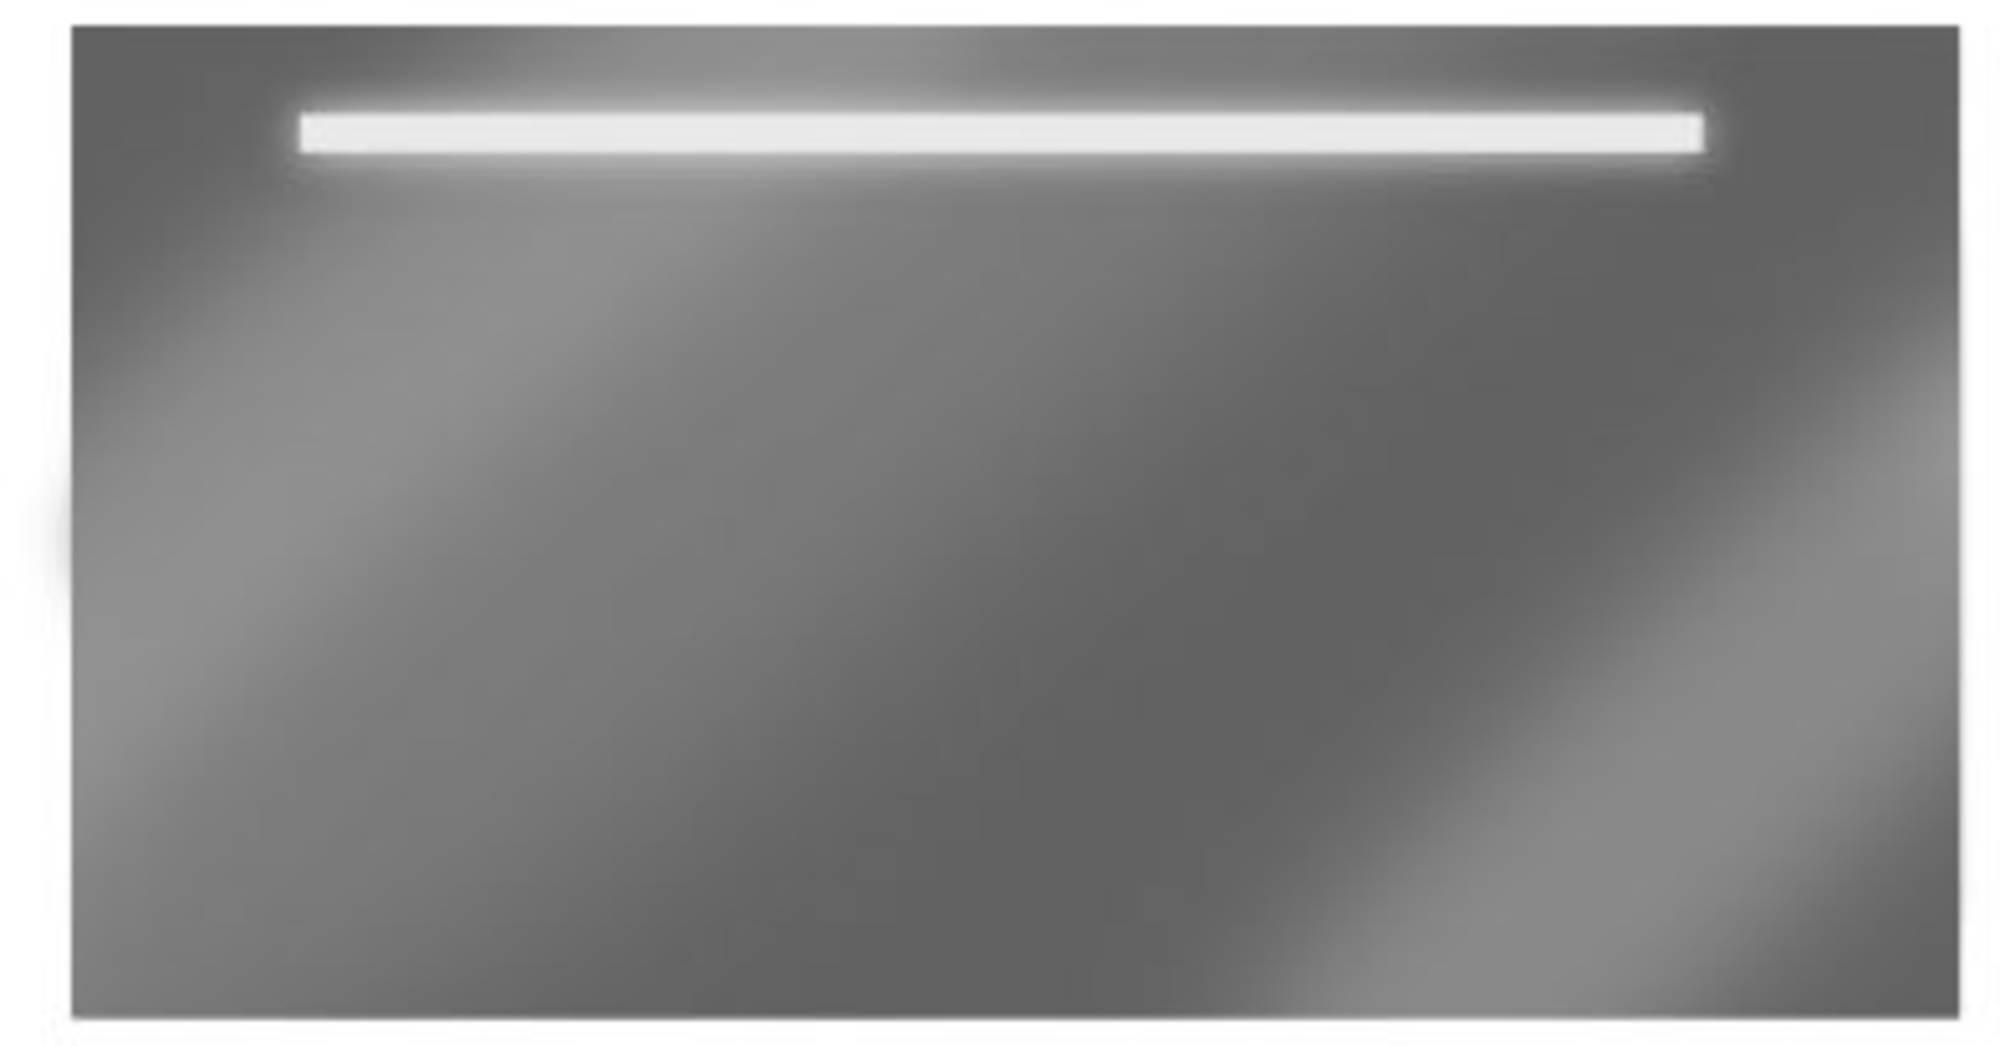 Looox spiegel 150 x 60 cm.met verlichting en verwarming